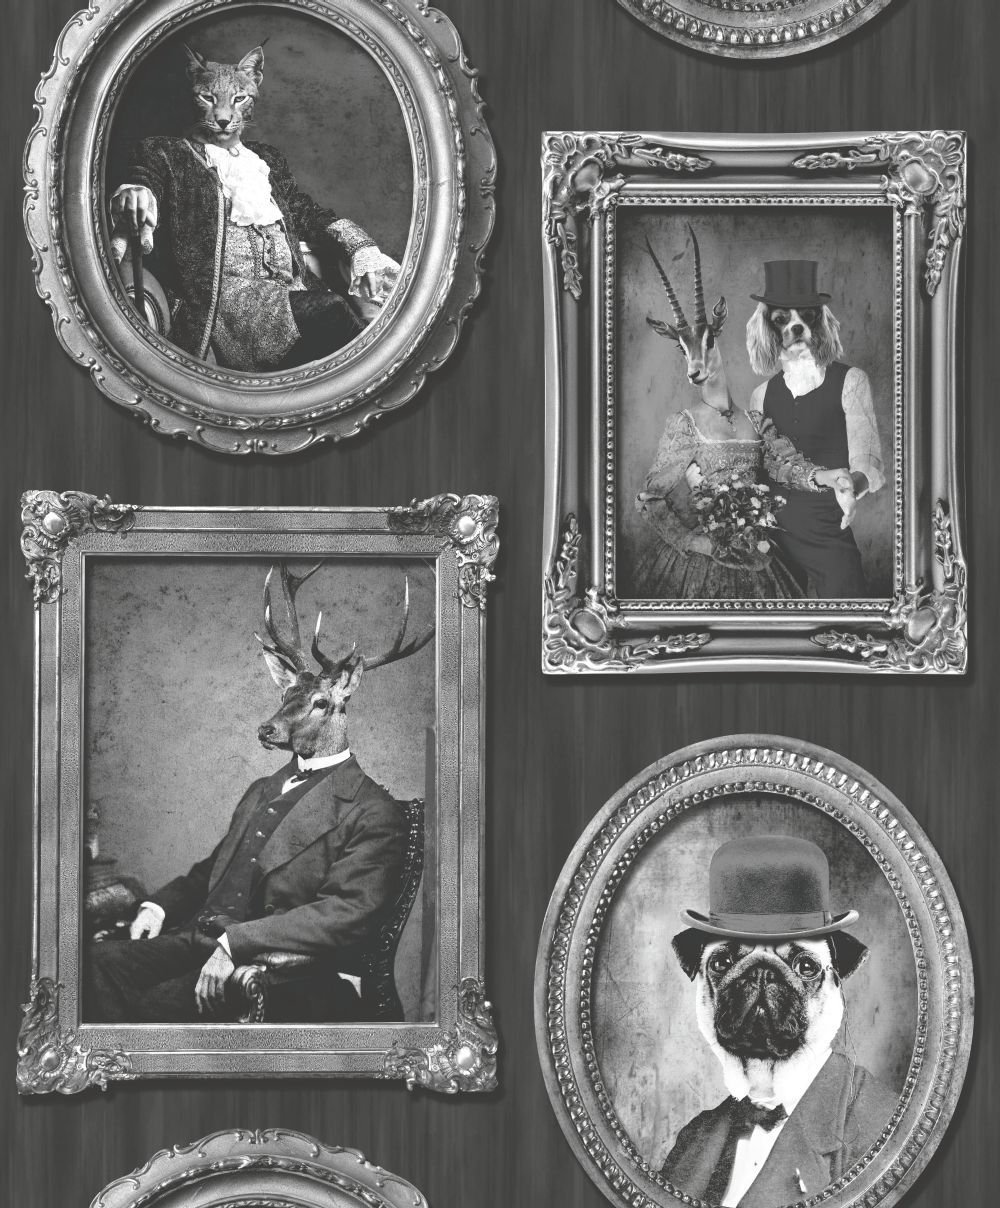 Framed Wallpaper Panels